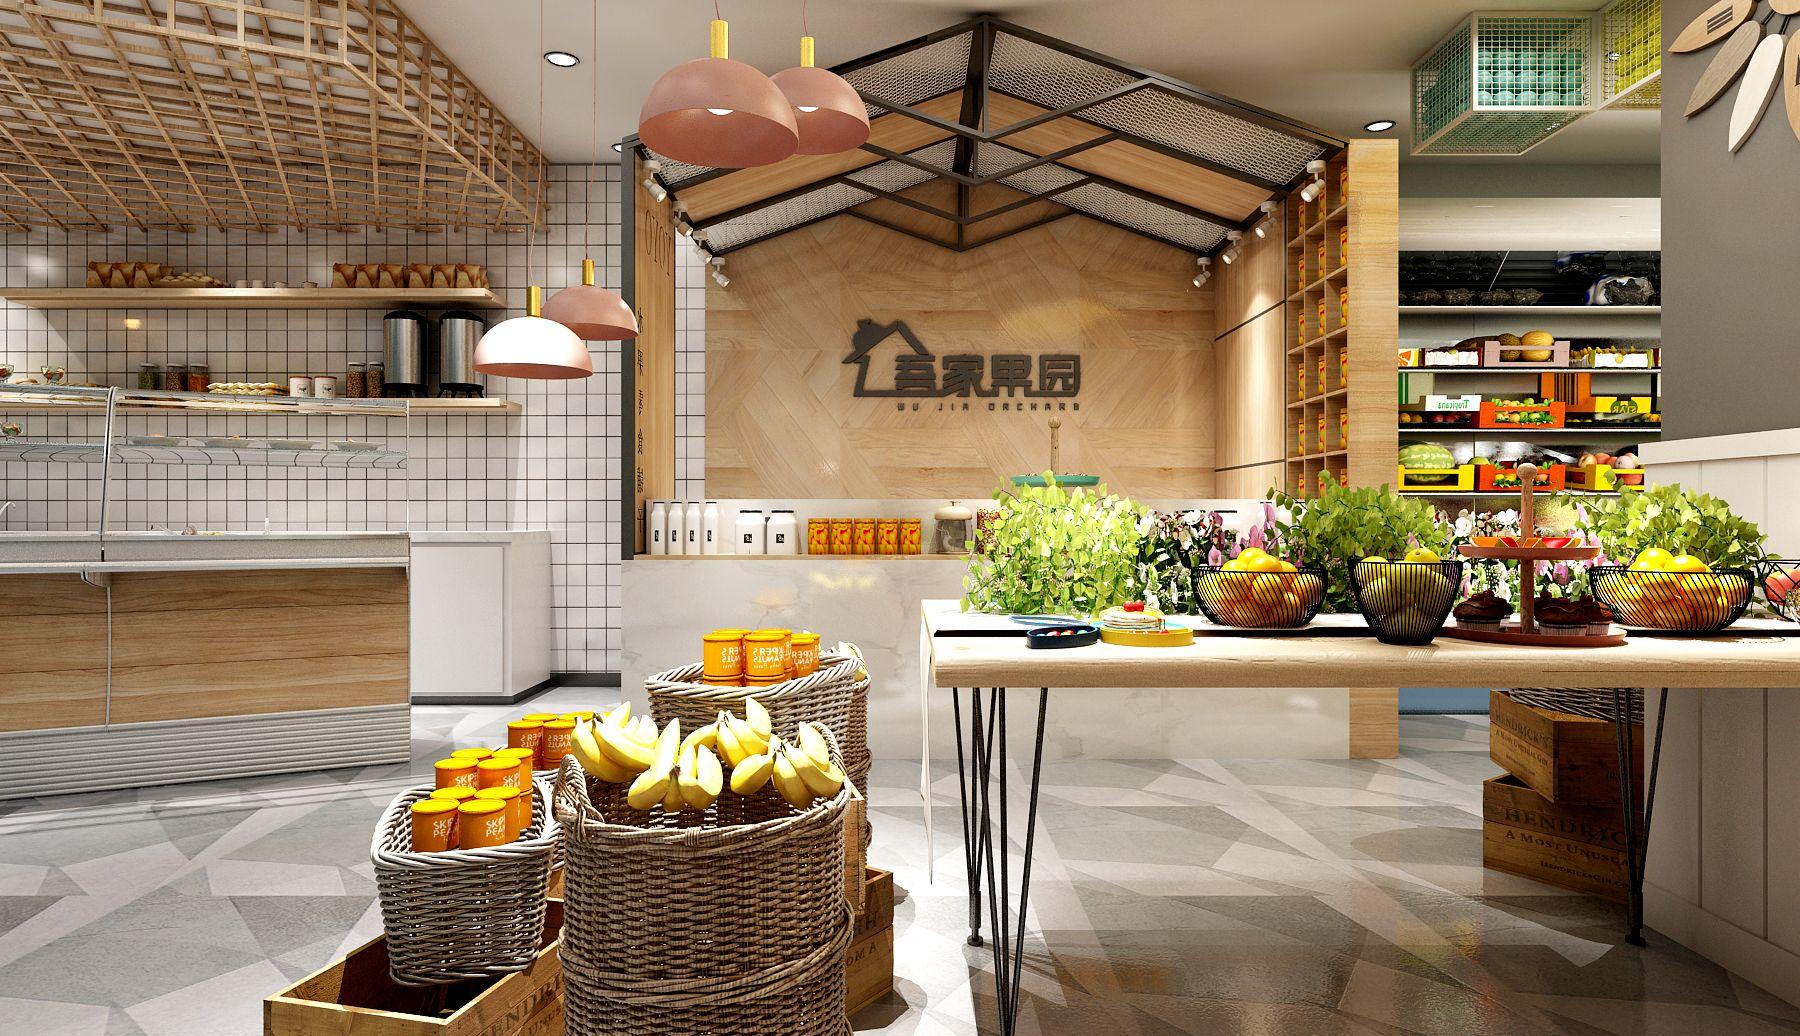 水果专卖店小超市水果社区生鲜方案设计蔬菜单体店铺效果图